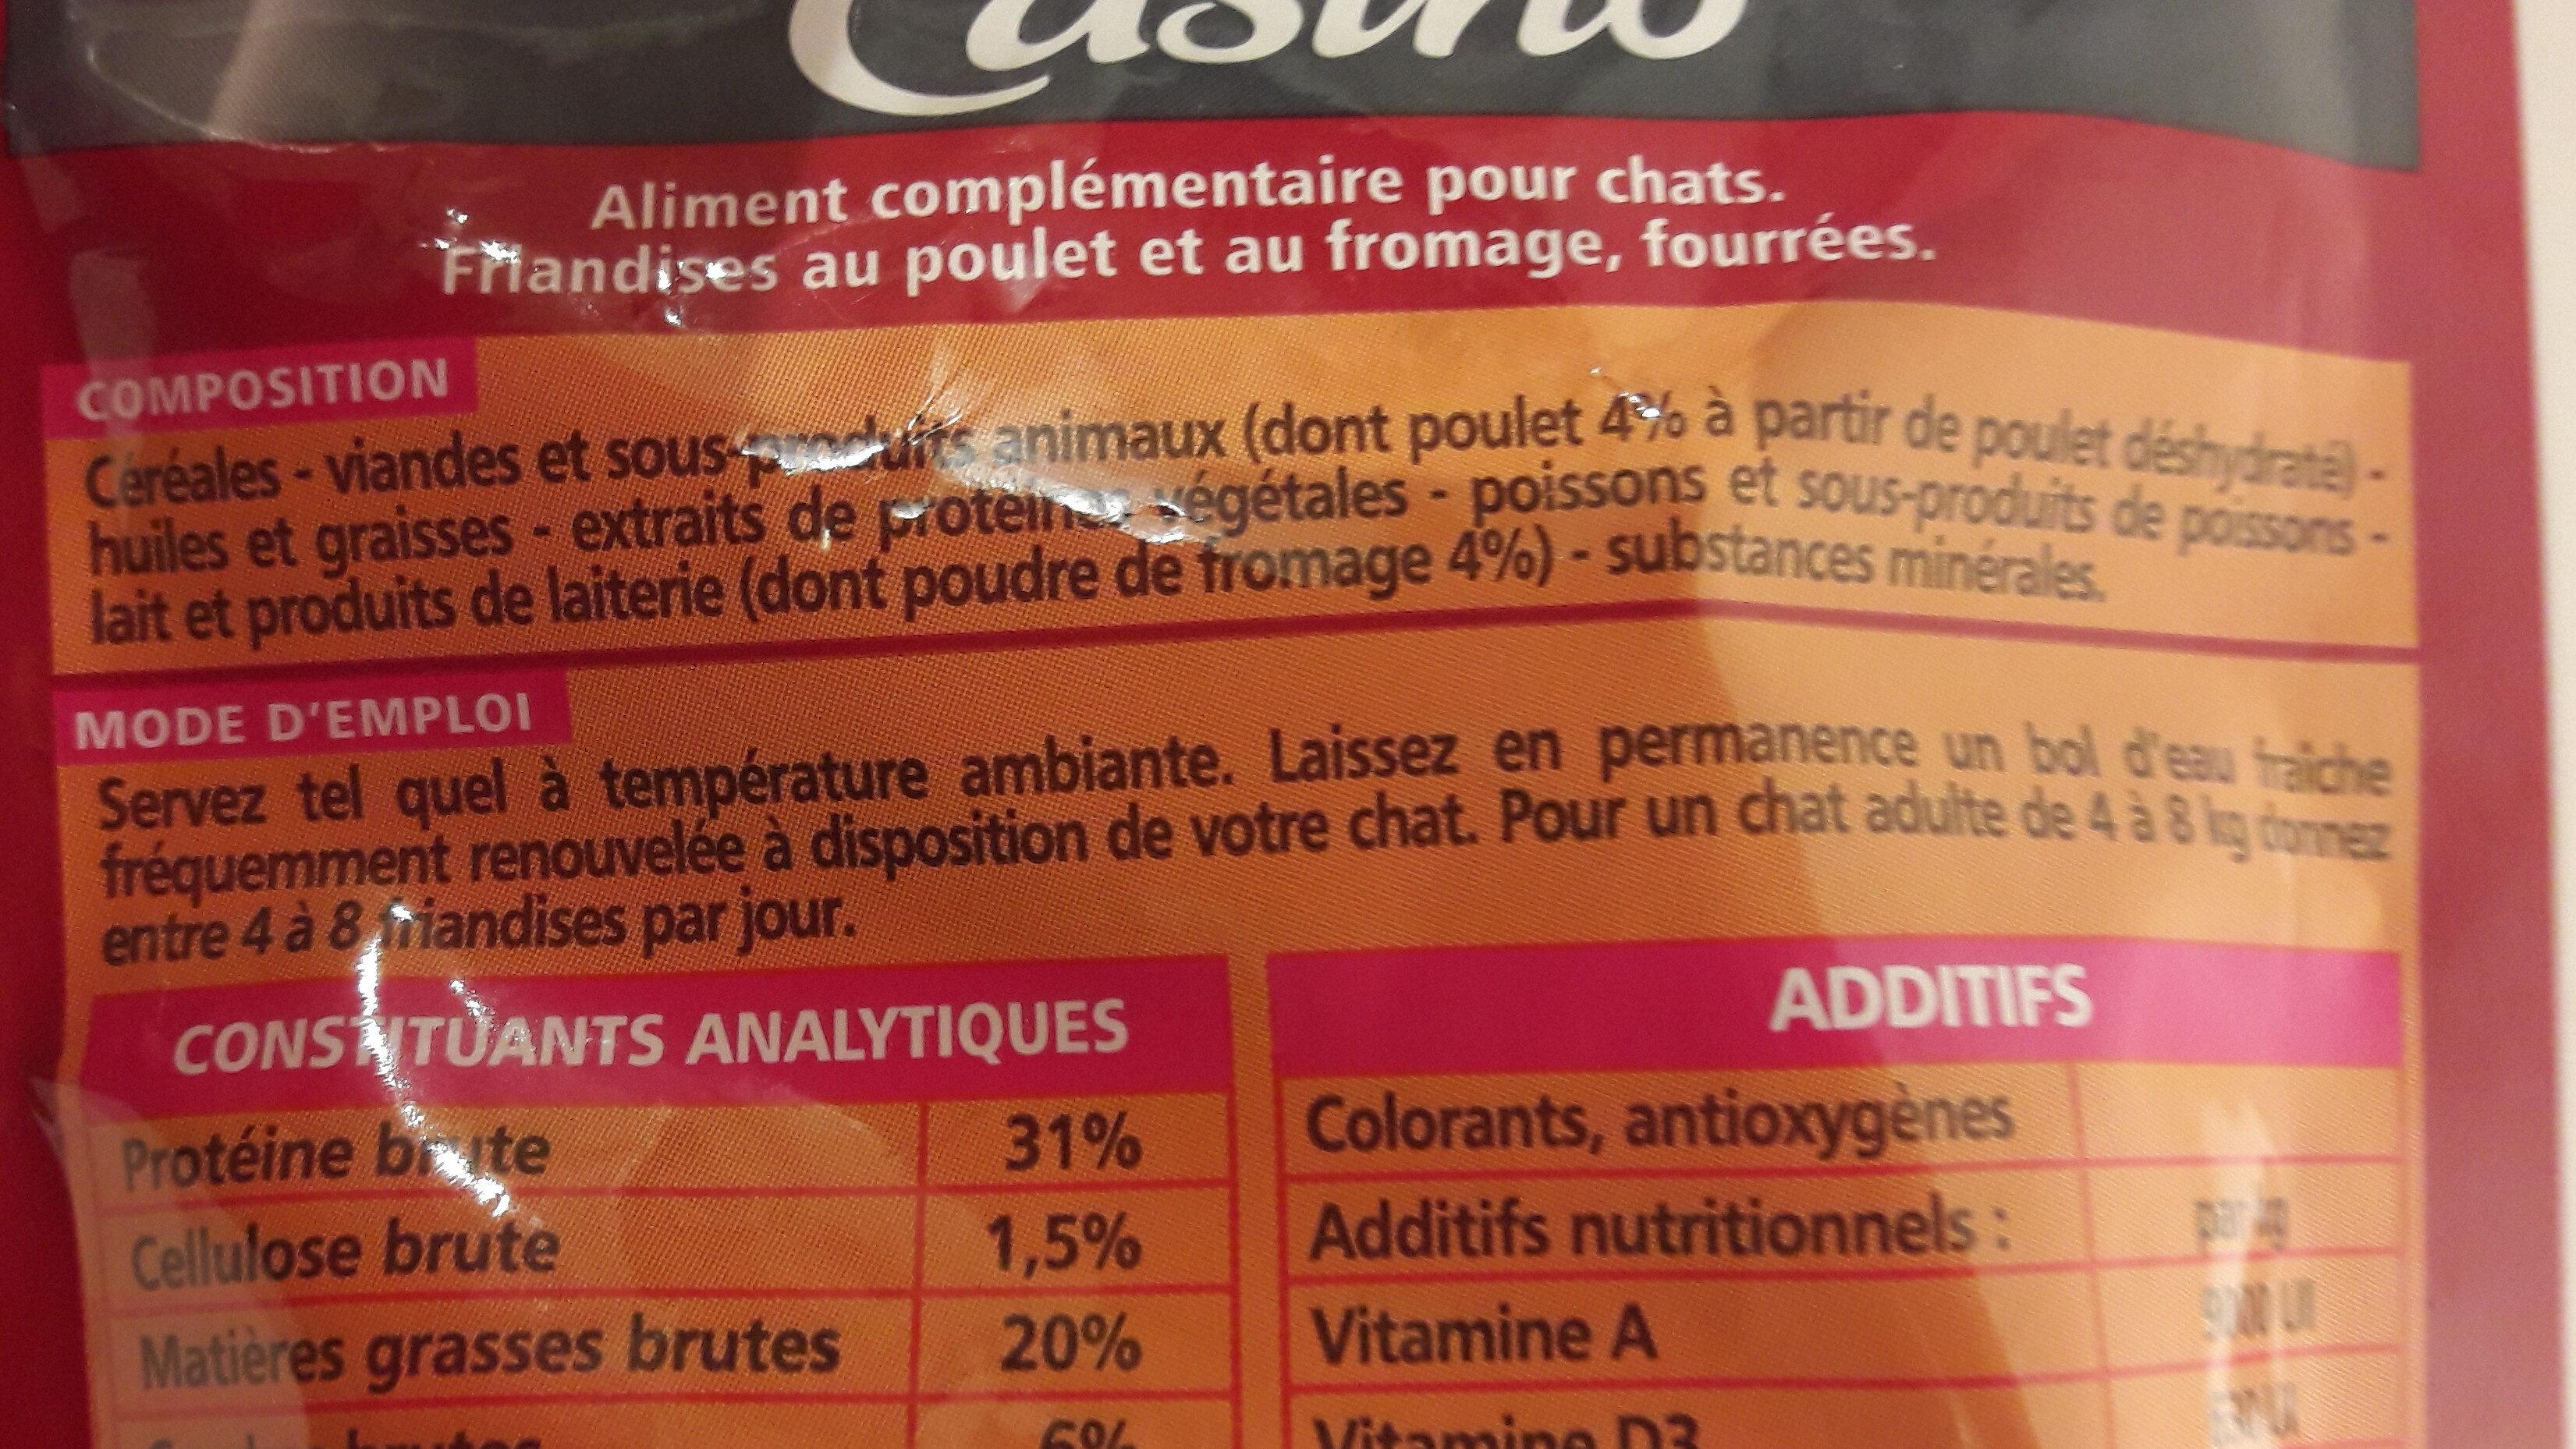 friandises fourrées poulet et fromage - Ingredients - fr